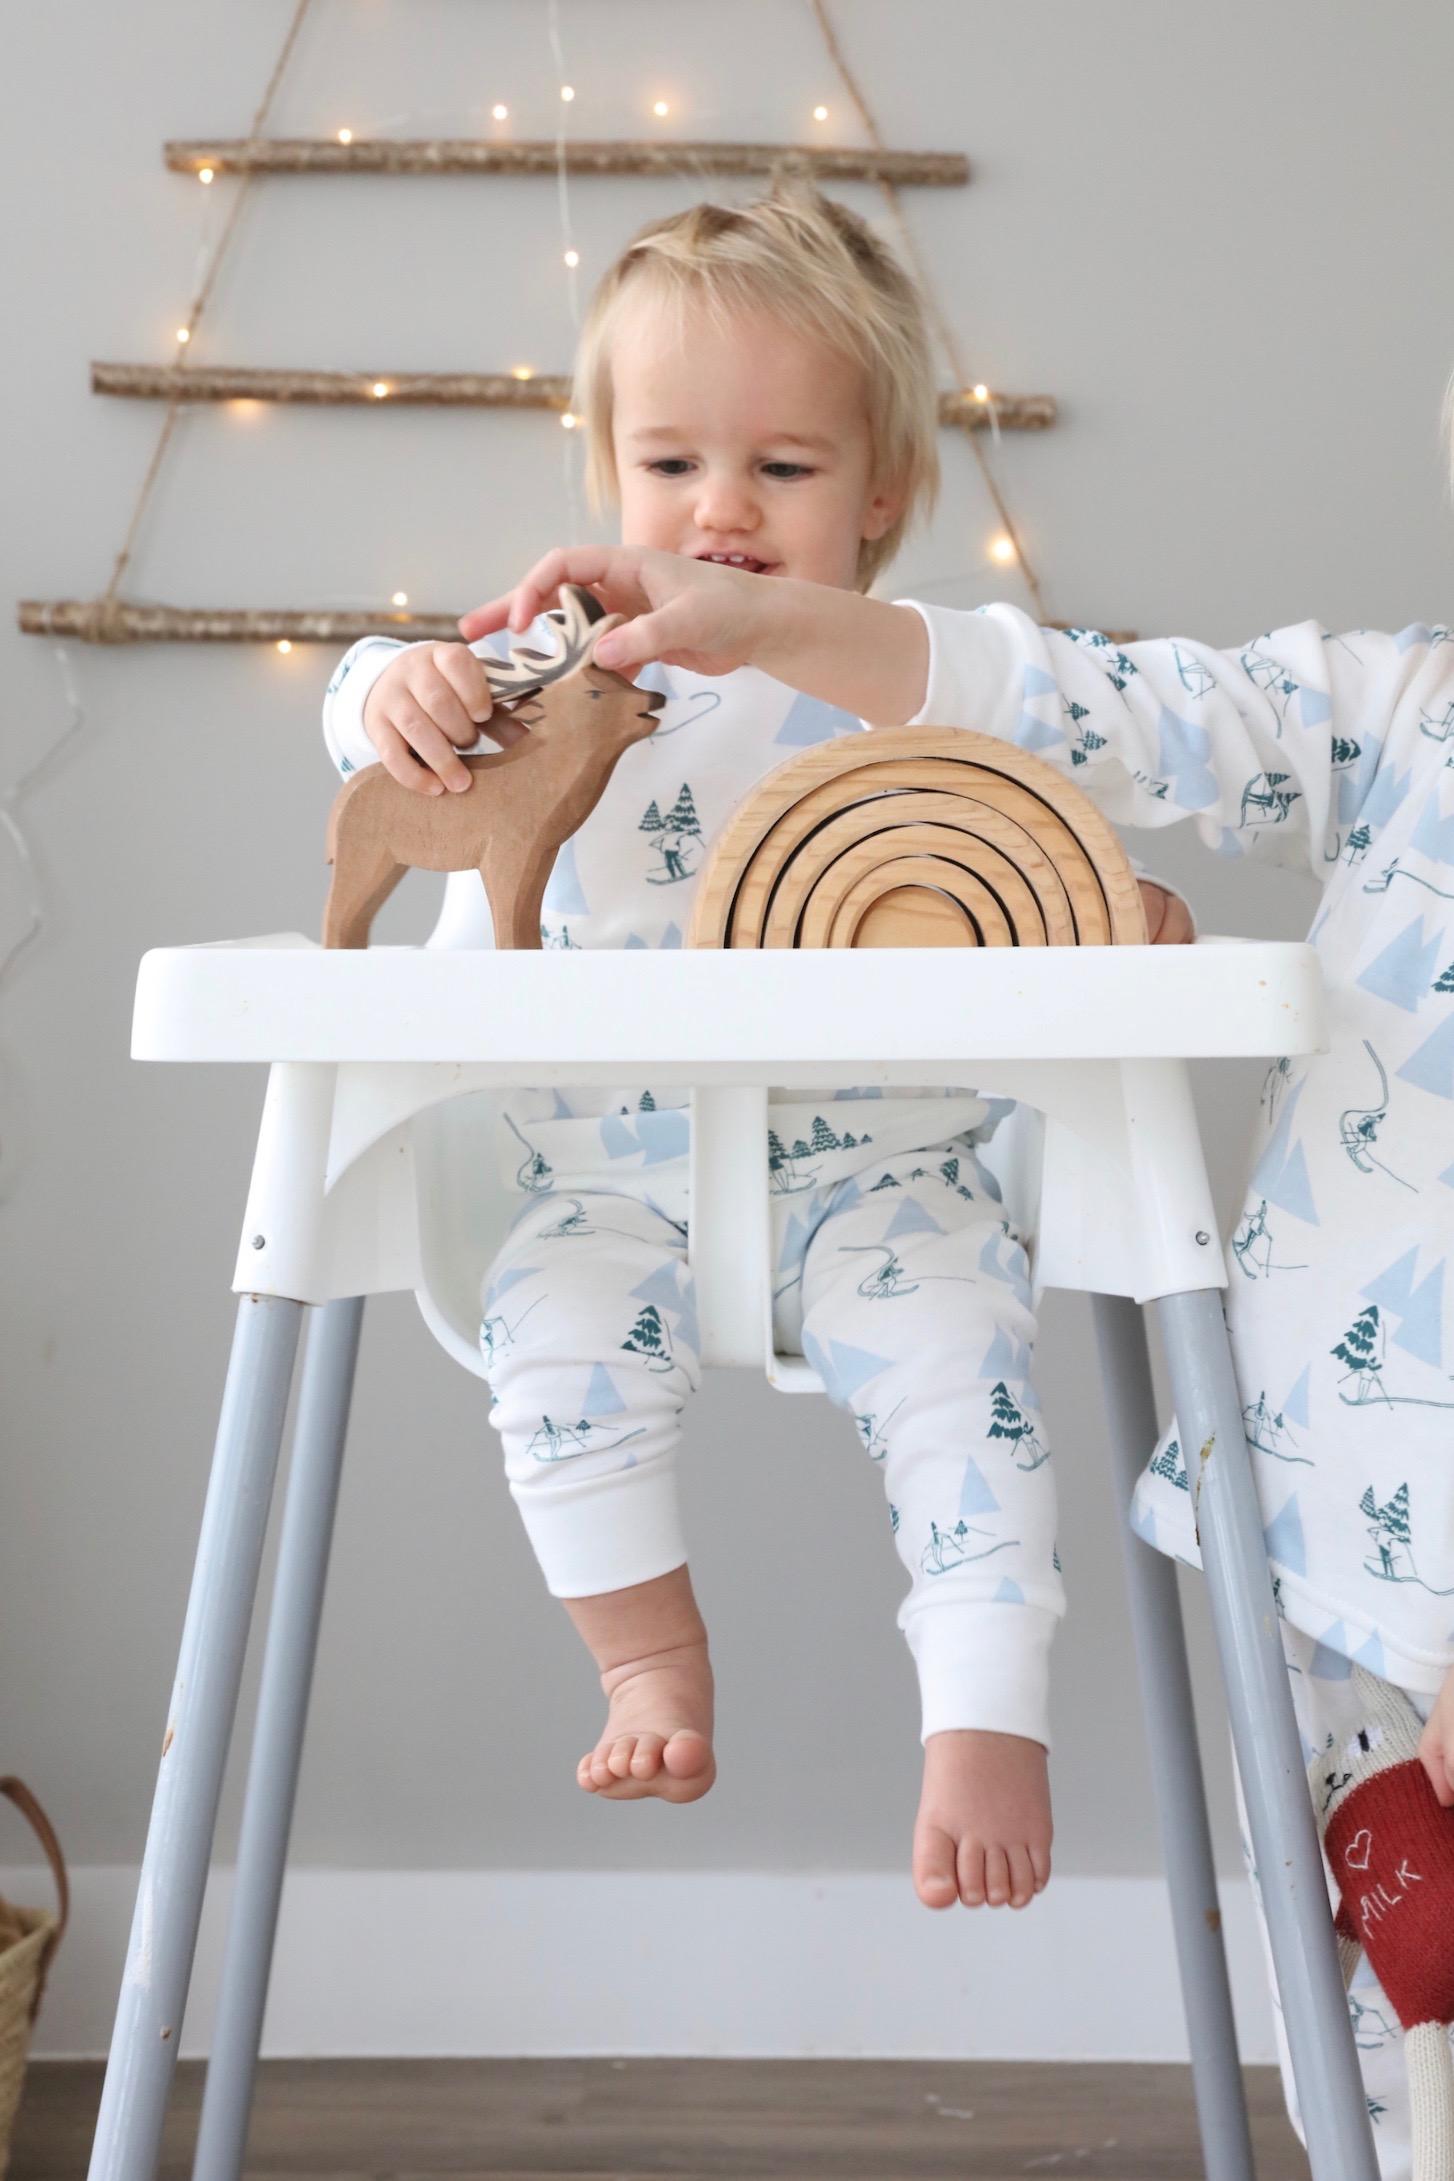 Sleepy_doe_baby_pyjamas_christmas_winter